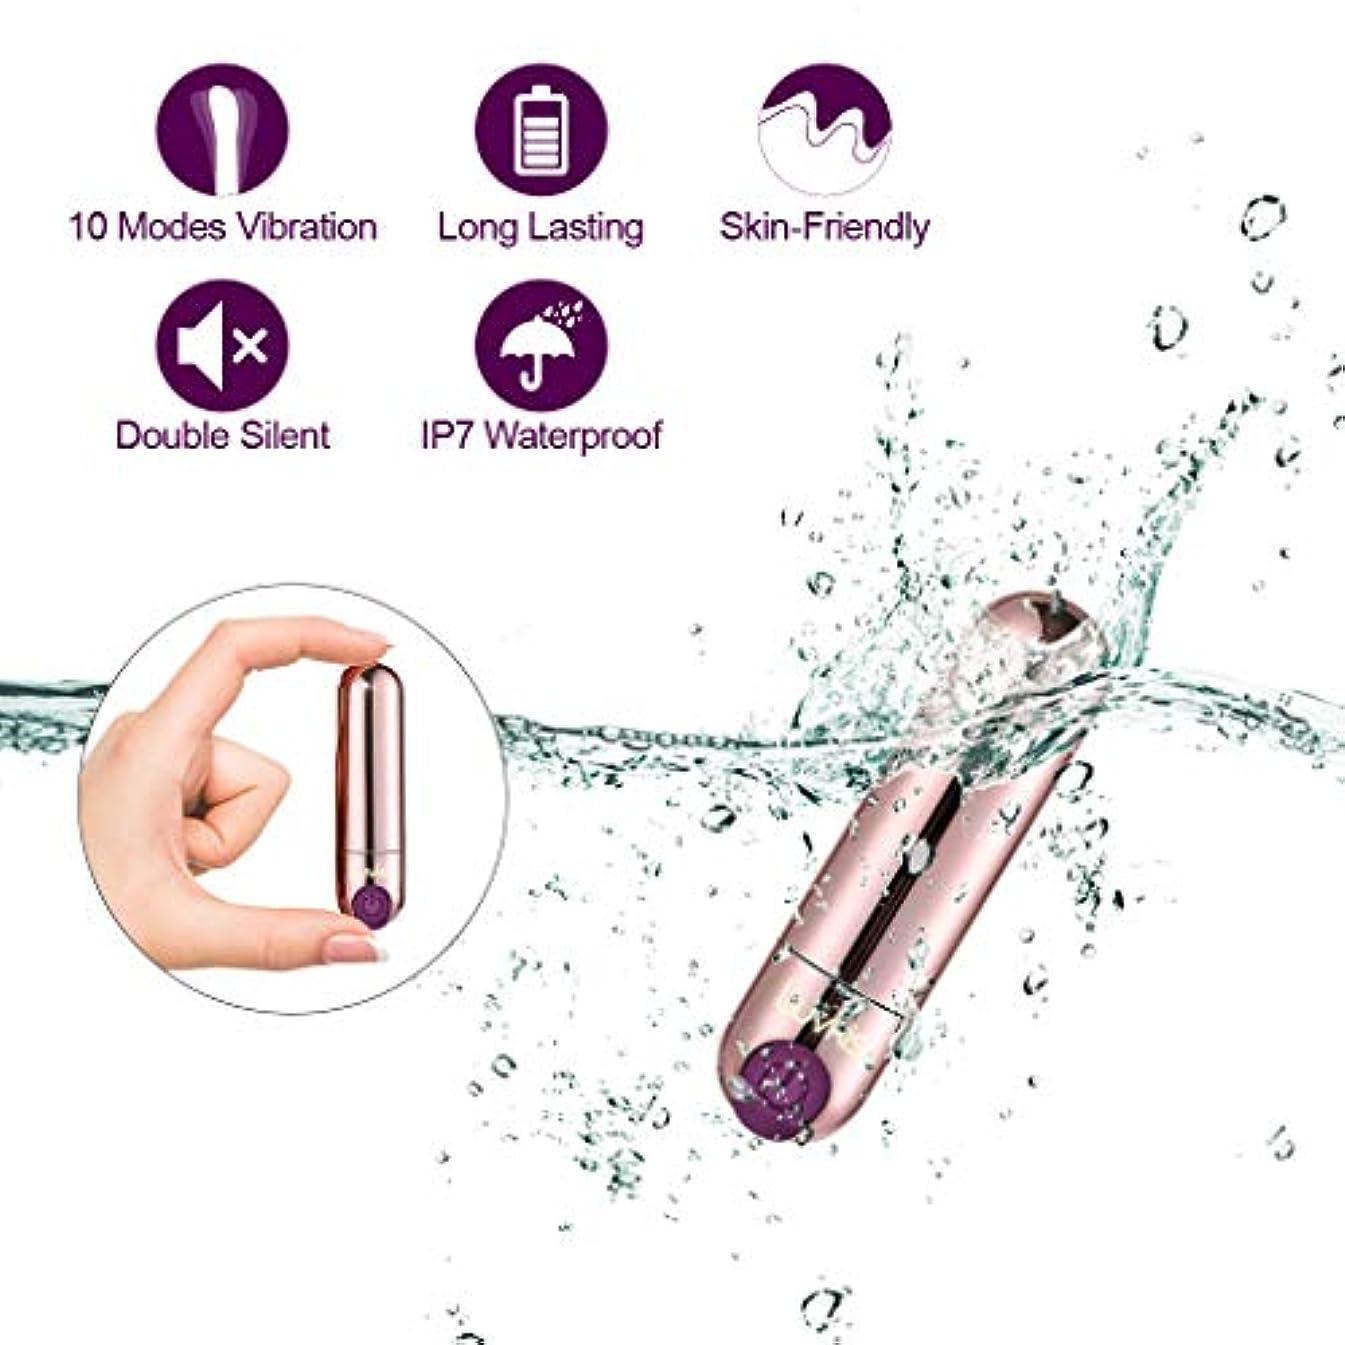 意気消沈した信者わかるLuvkis Mini ミニハンディマッサージャー 超静音10段階の振動 USB充電 防水設計 コードレス 小型 軽量 携帯便利 ゴールド